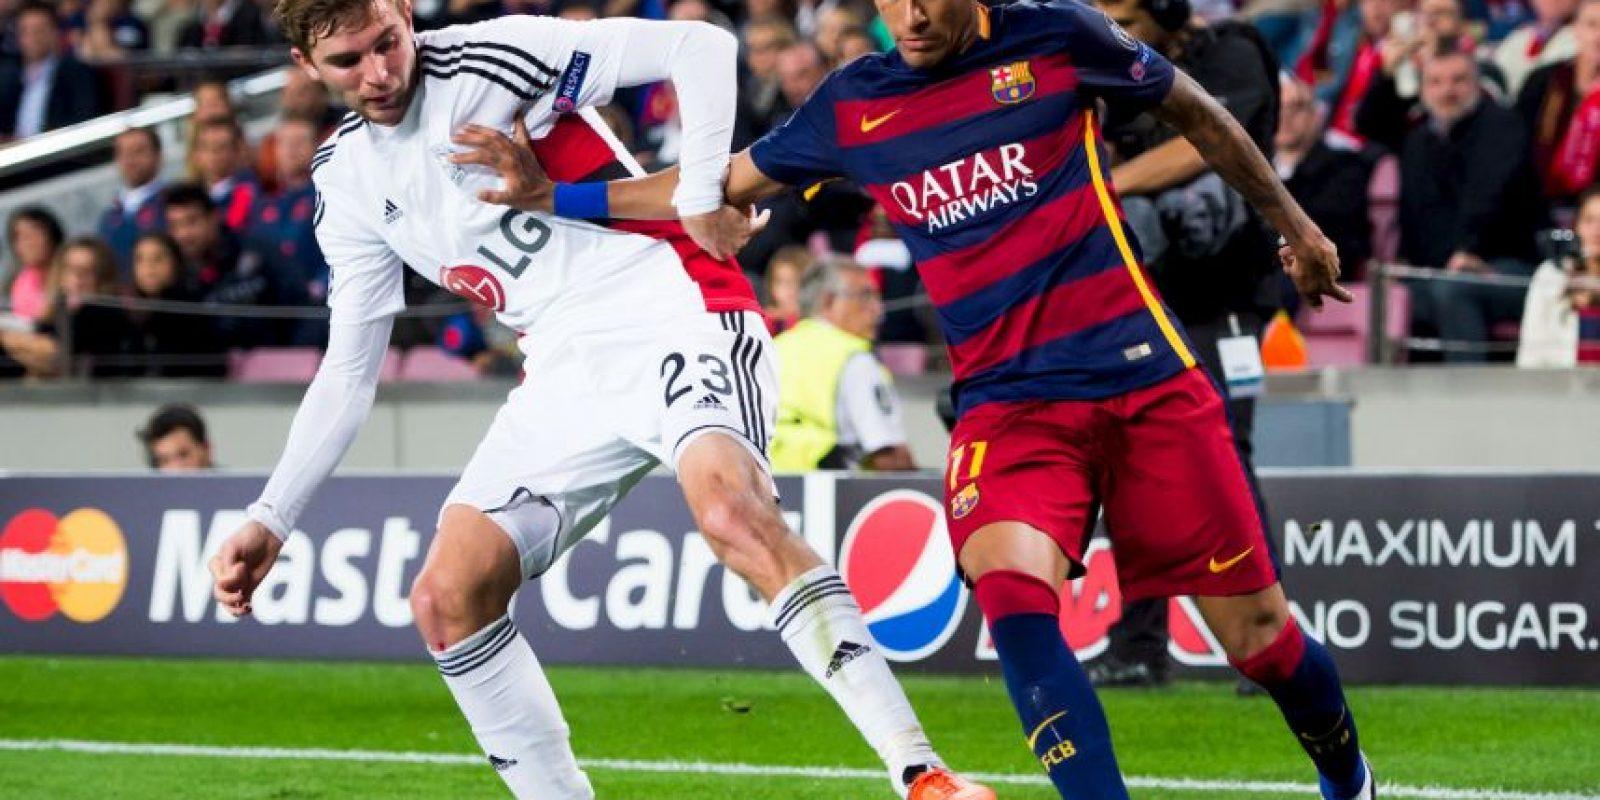 El club catalán está empatado en unidades con el Real Madrid y Celta de Vigo, pero cayó al tercer puesto por la diferencia de goles. Foto:Getty Images